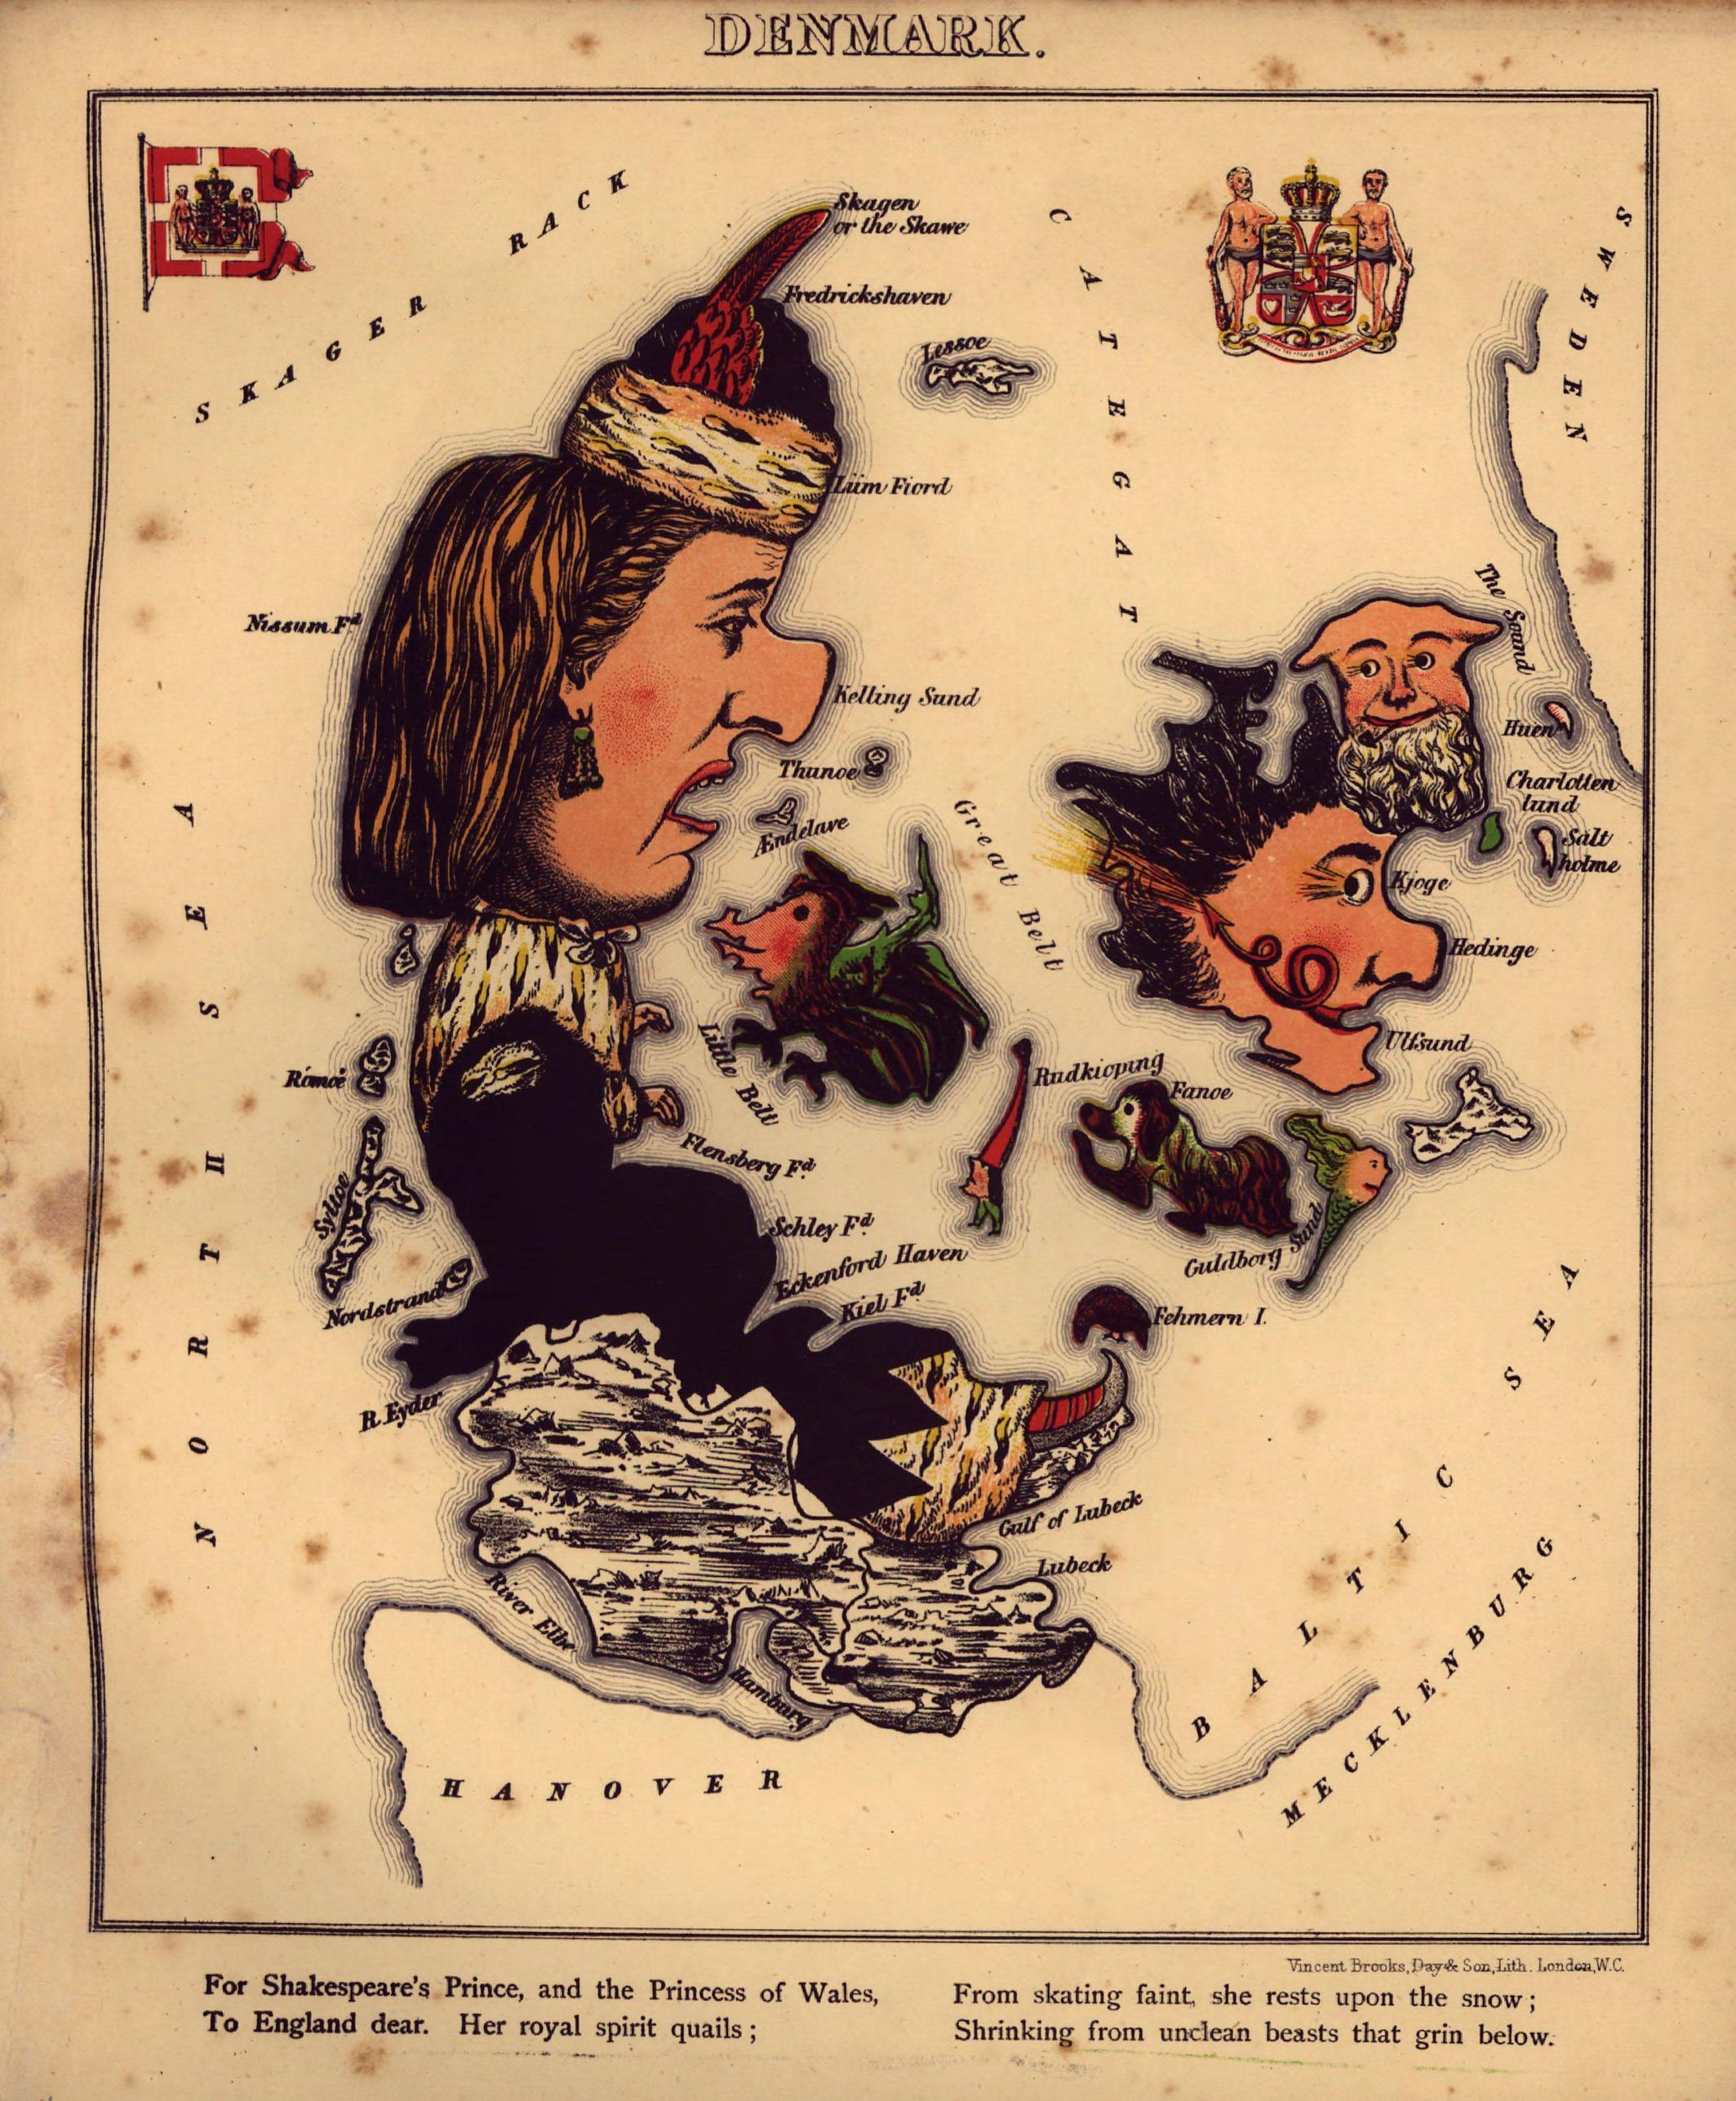 Геокатуры - портреты старушки Европы из старого атласа